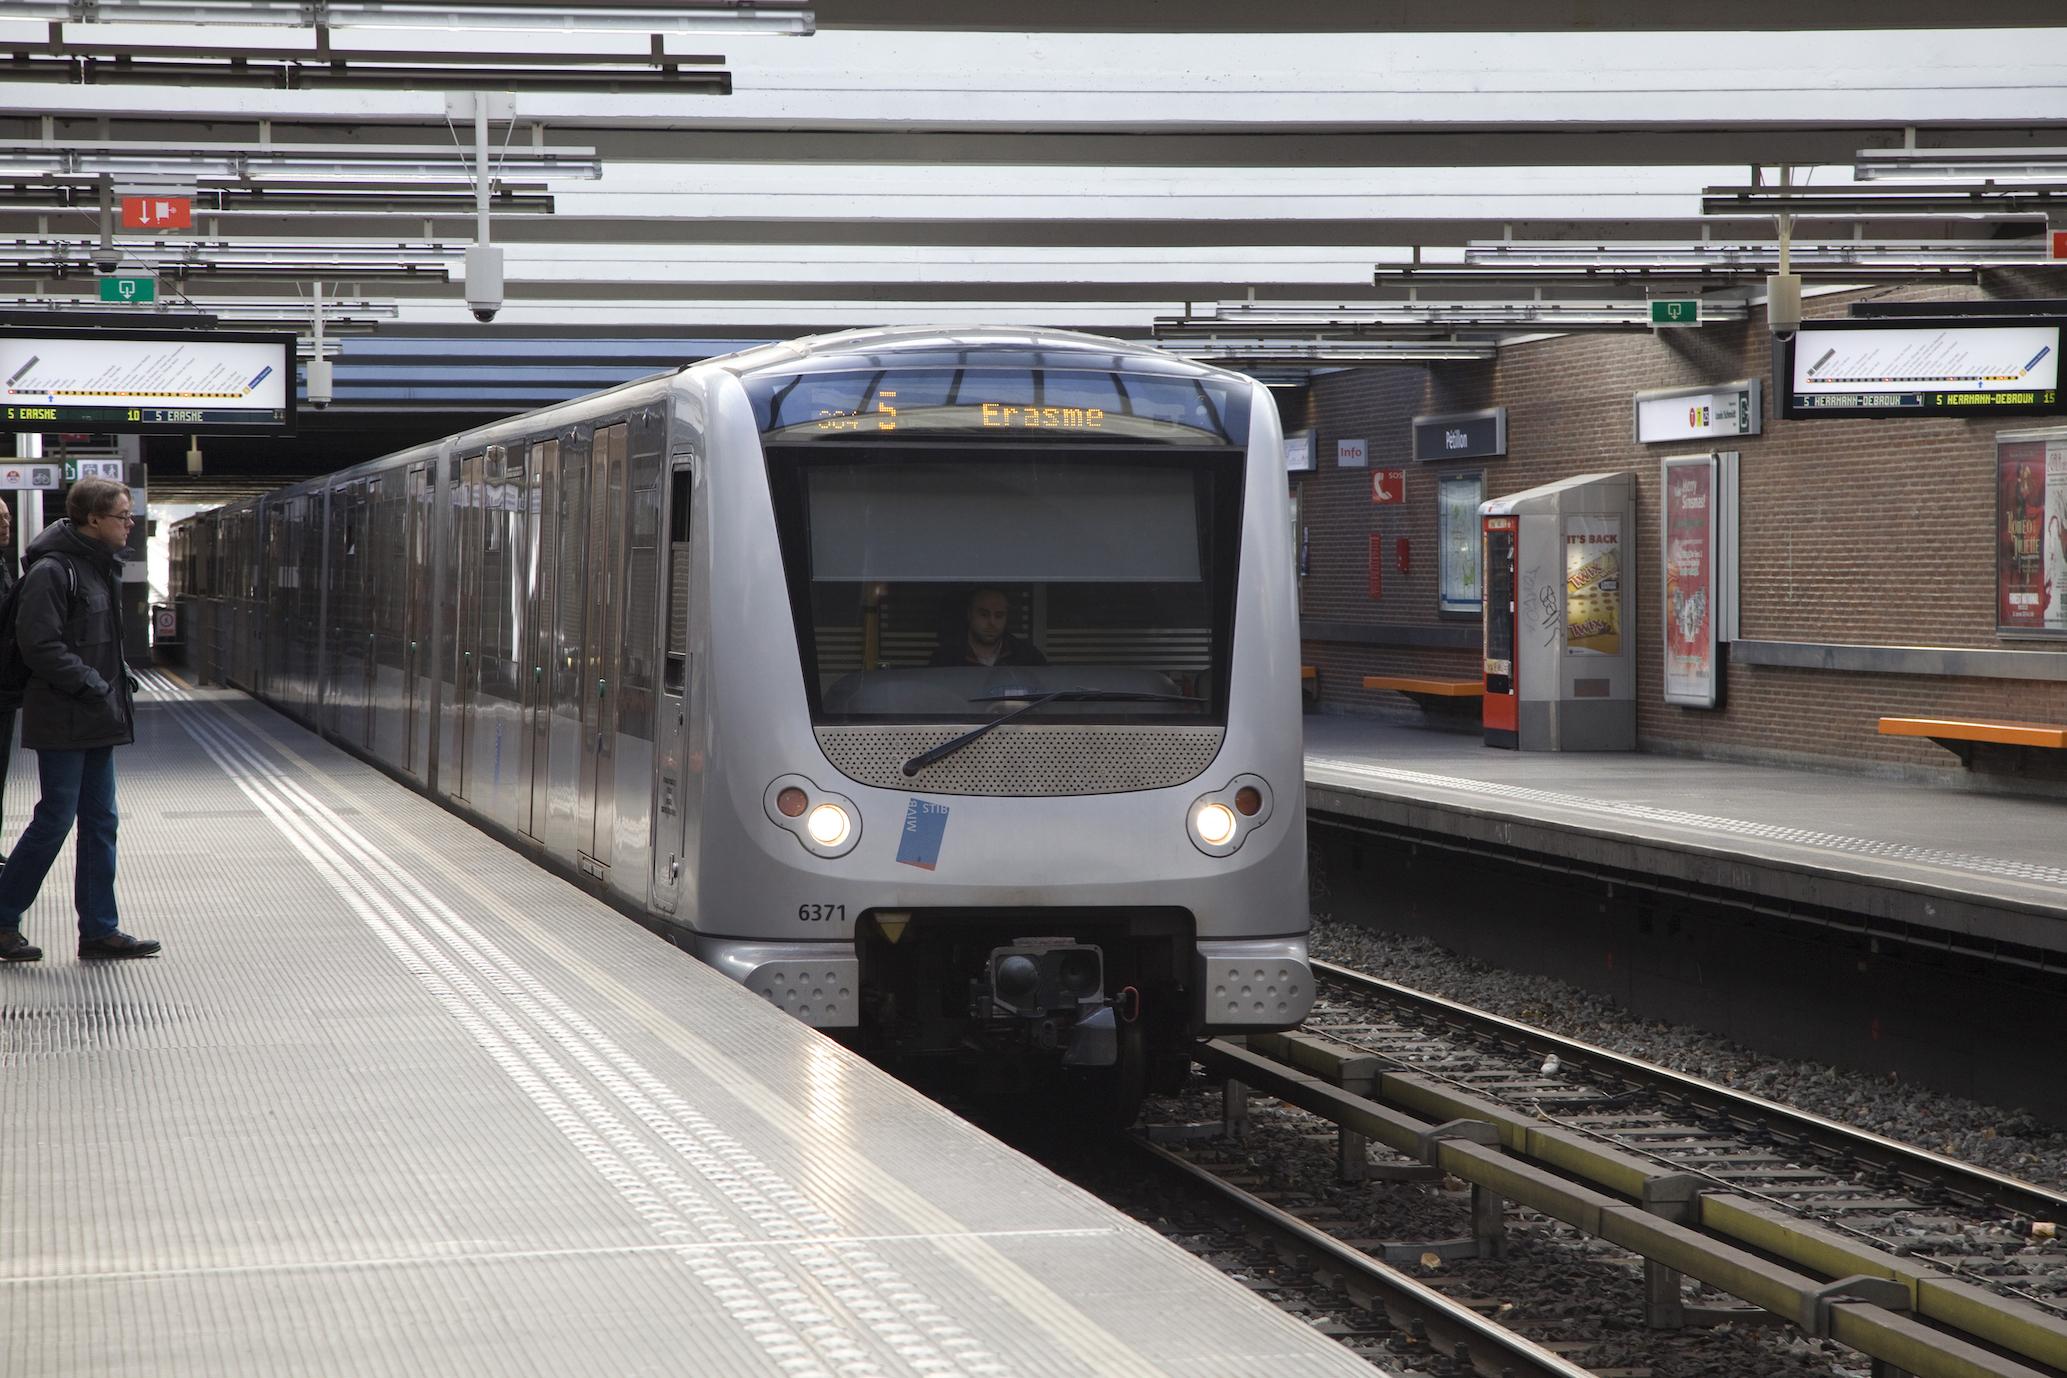 Extension du métro bruxellois: convaincre Ecolo et Groen de vouloir l'étendre